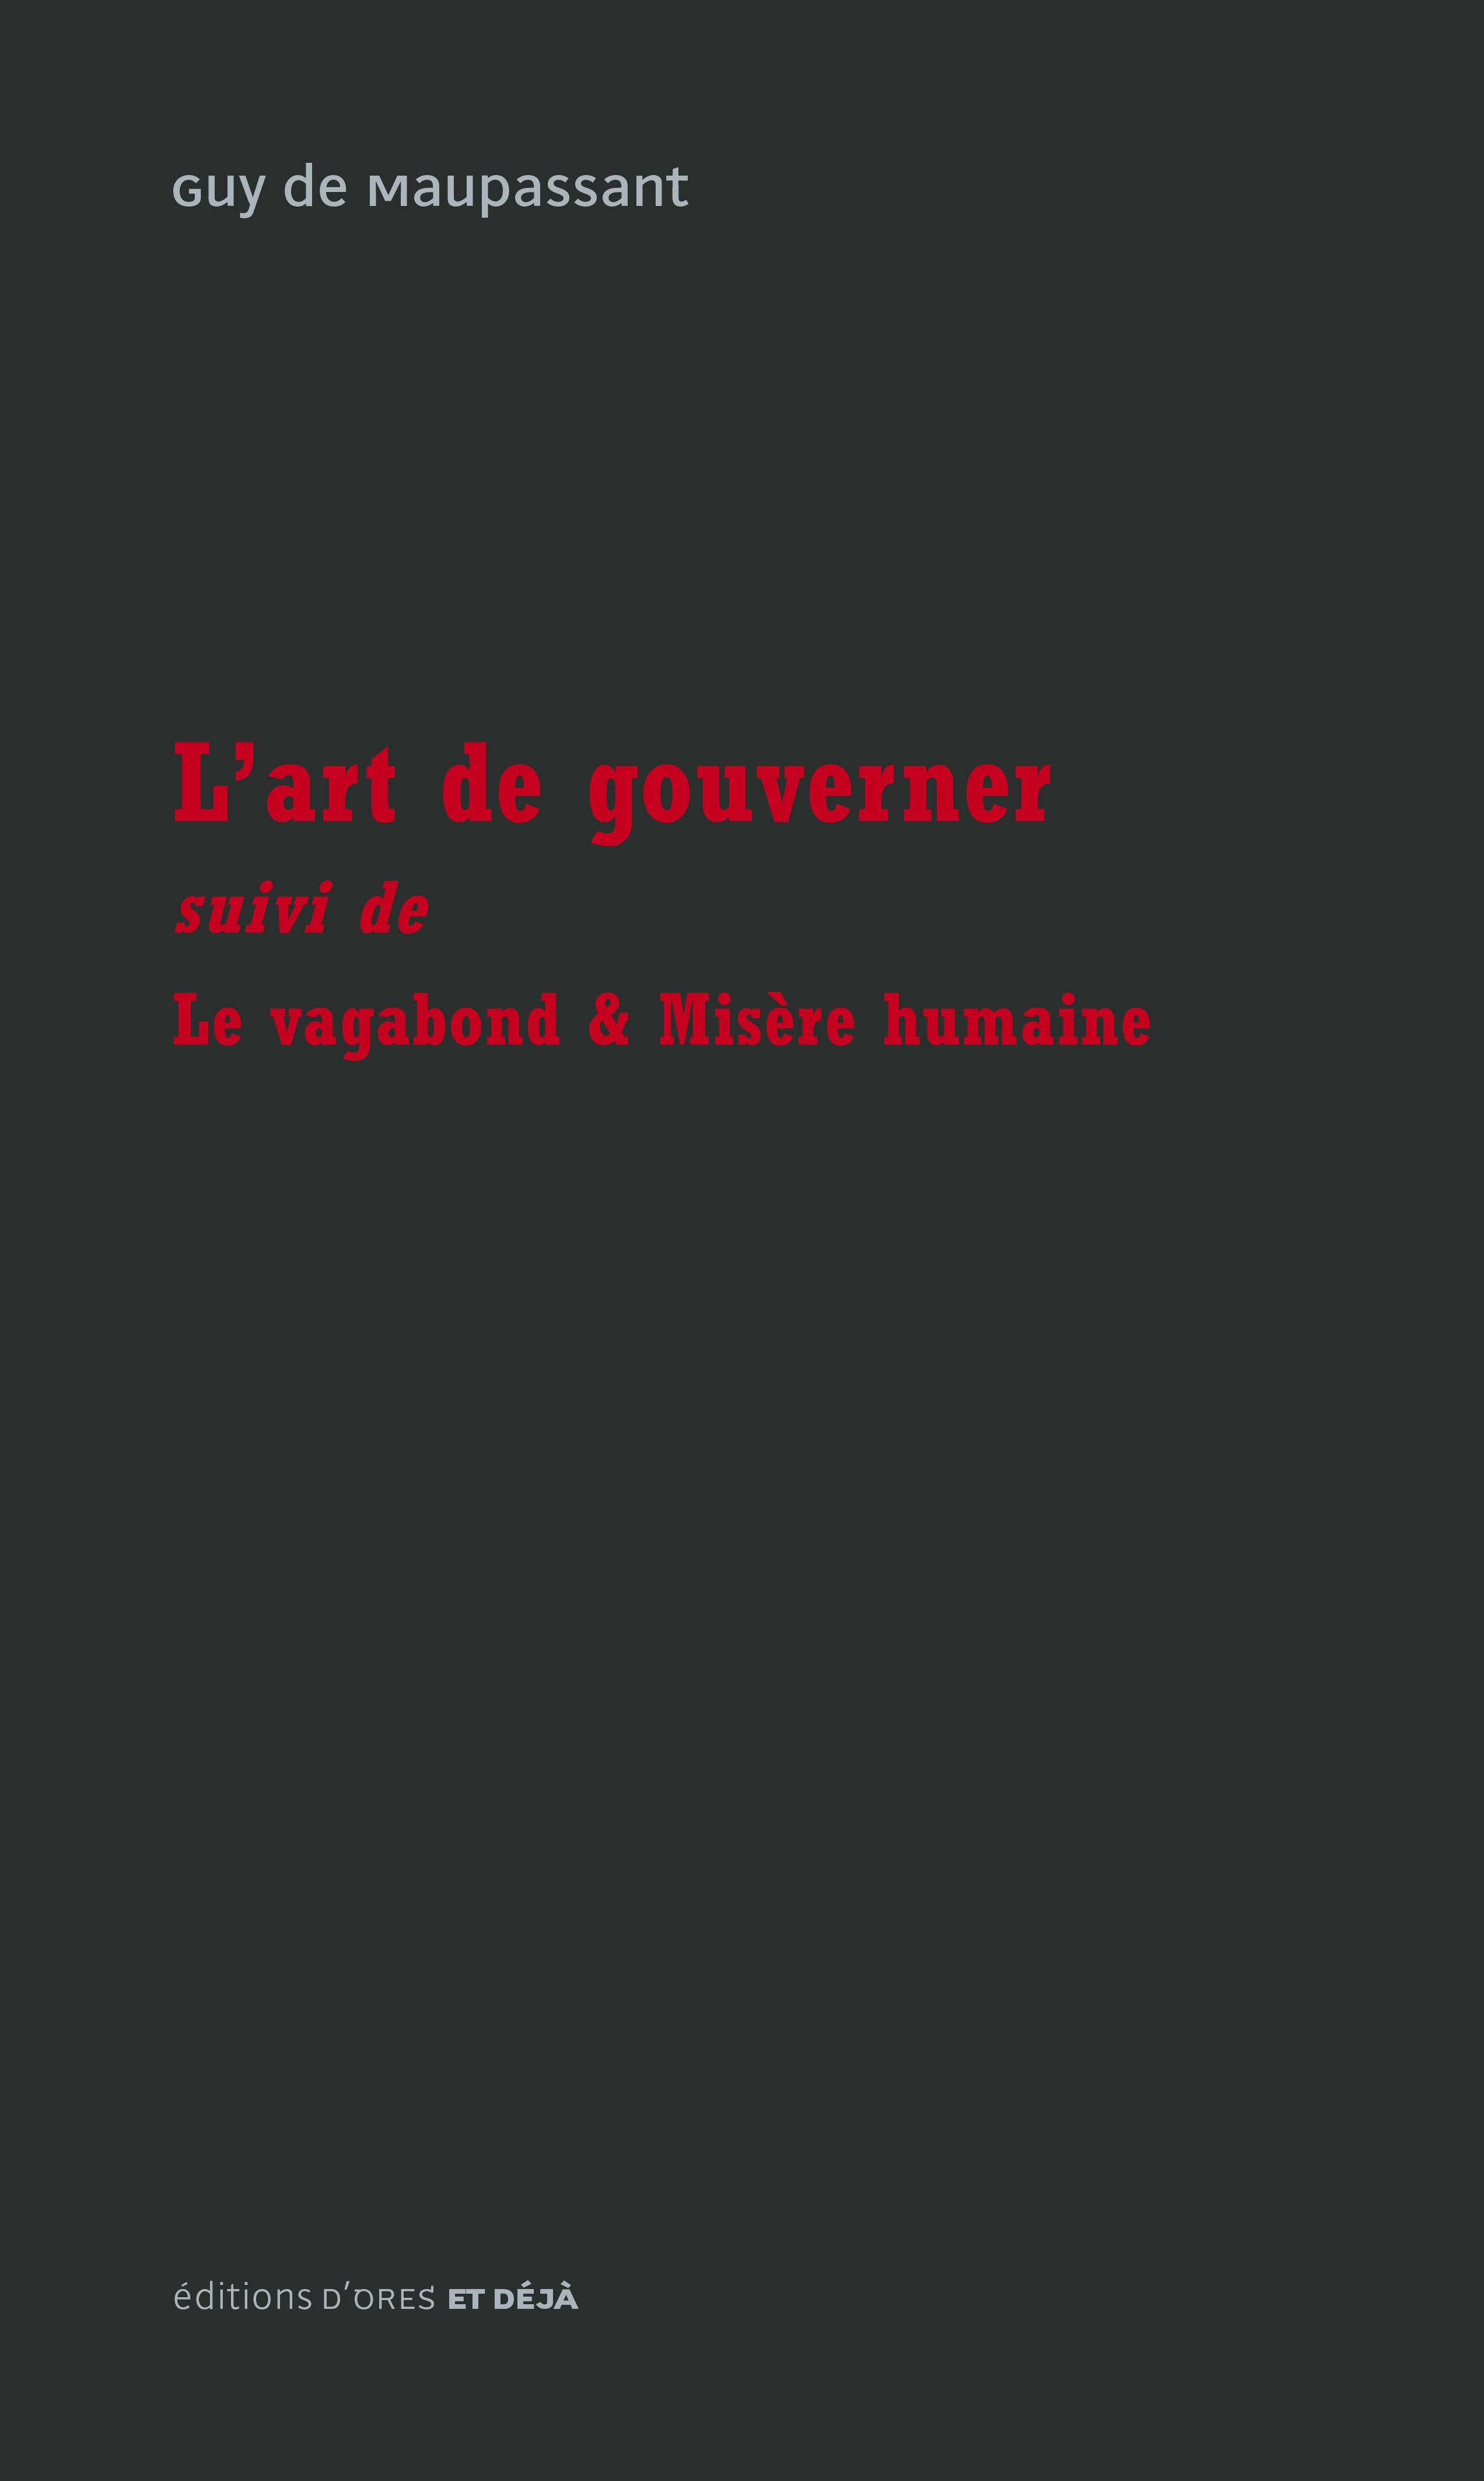 L'ART DE GOUVERNER - SUIVI DE LE VAGABOND & MISERE HUMAINE